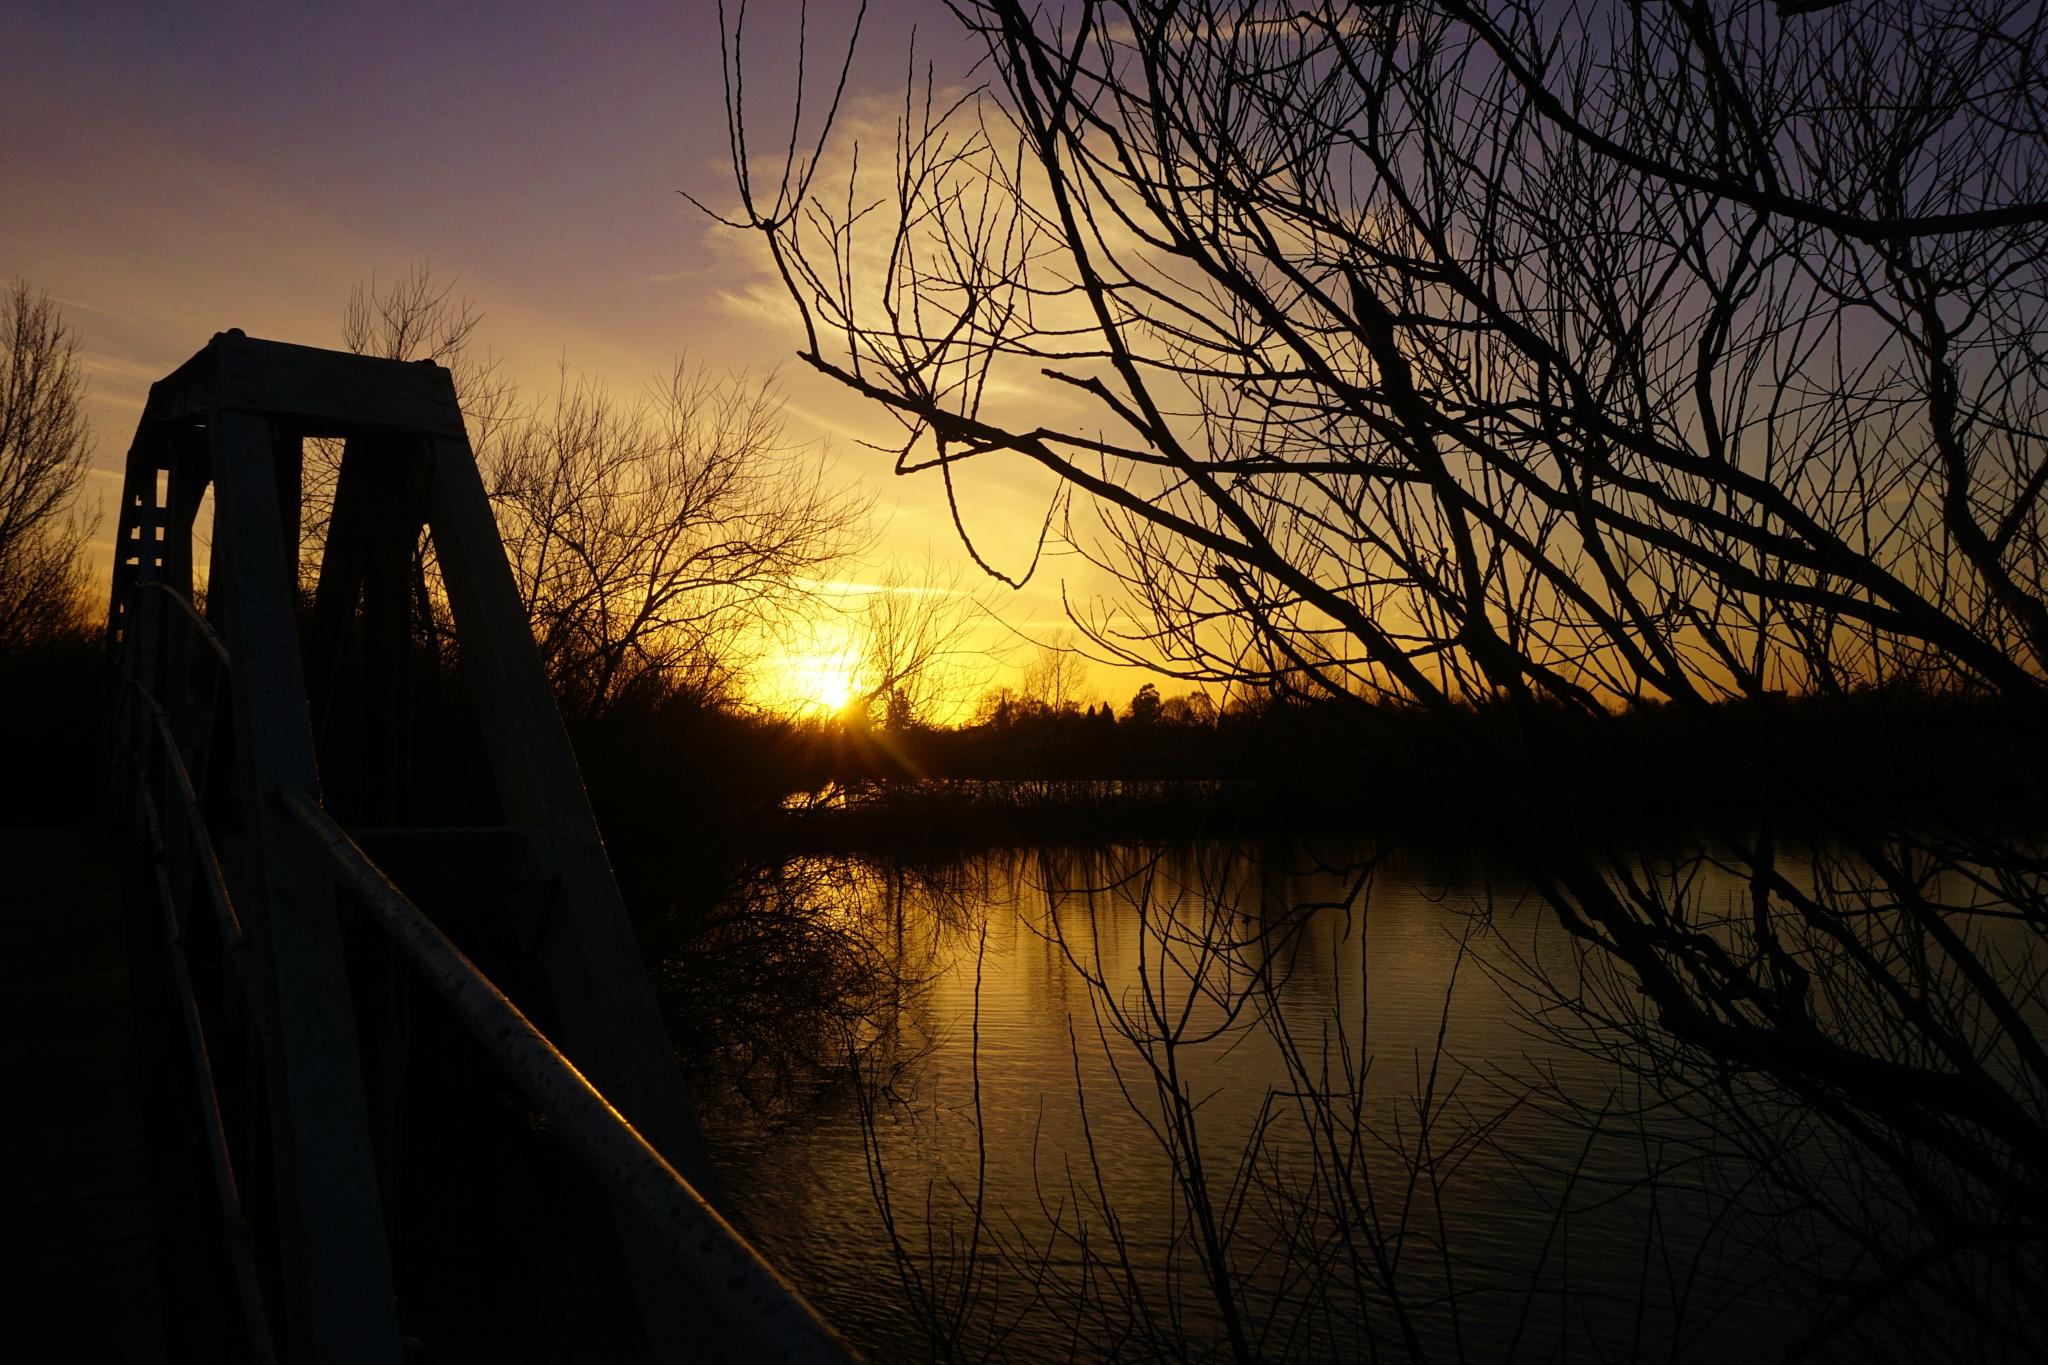 Bridge and tree sunset by AJ Yakstrangler Andy Jamieson